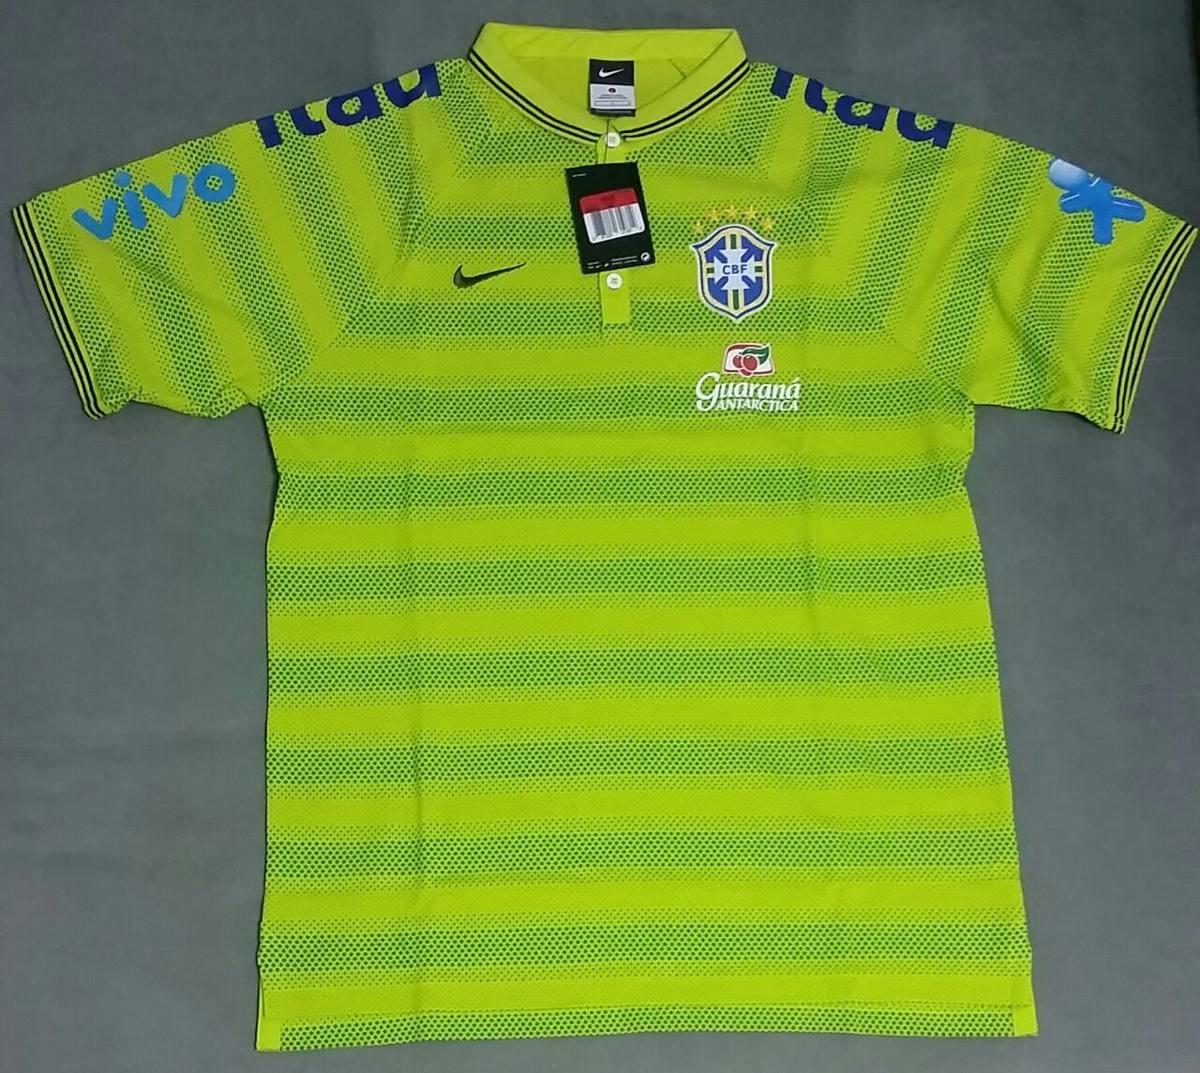 camisa polo nike seleção brasileira cbf 2014 verde limão. Carregando zoom. de32a595192